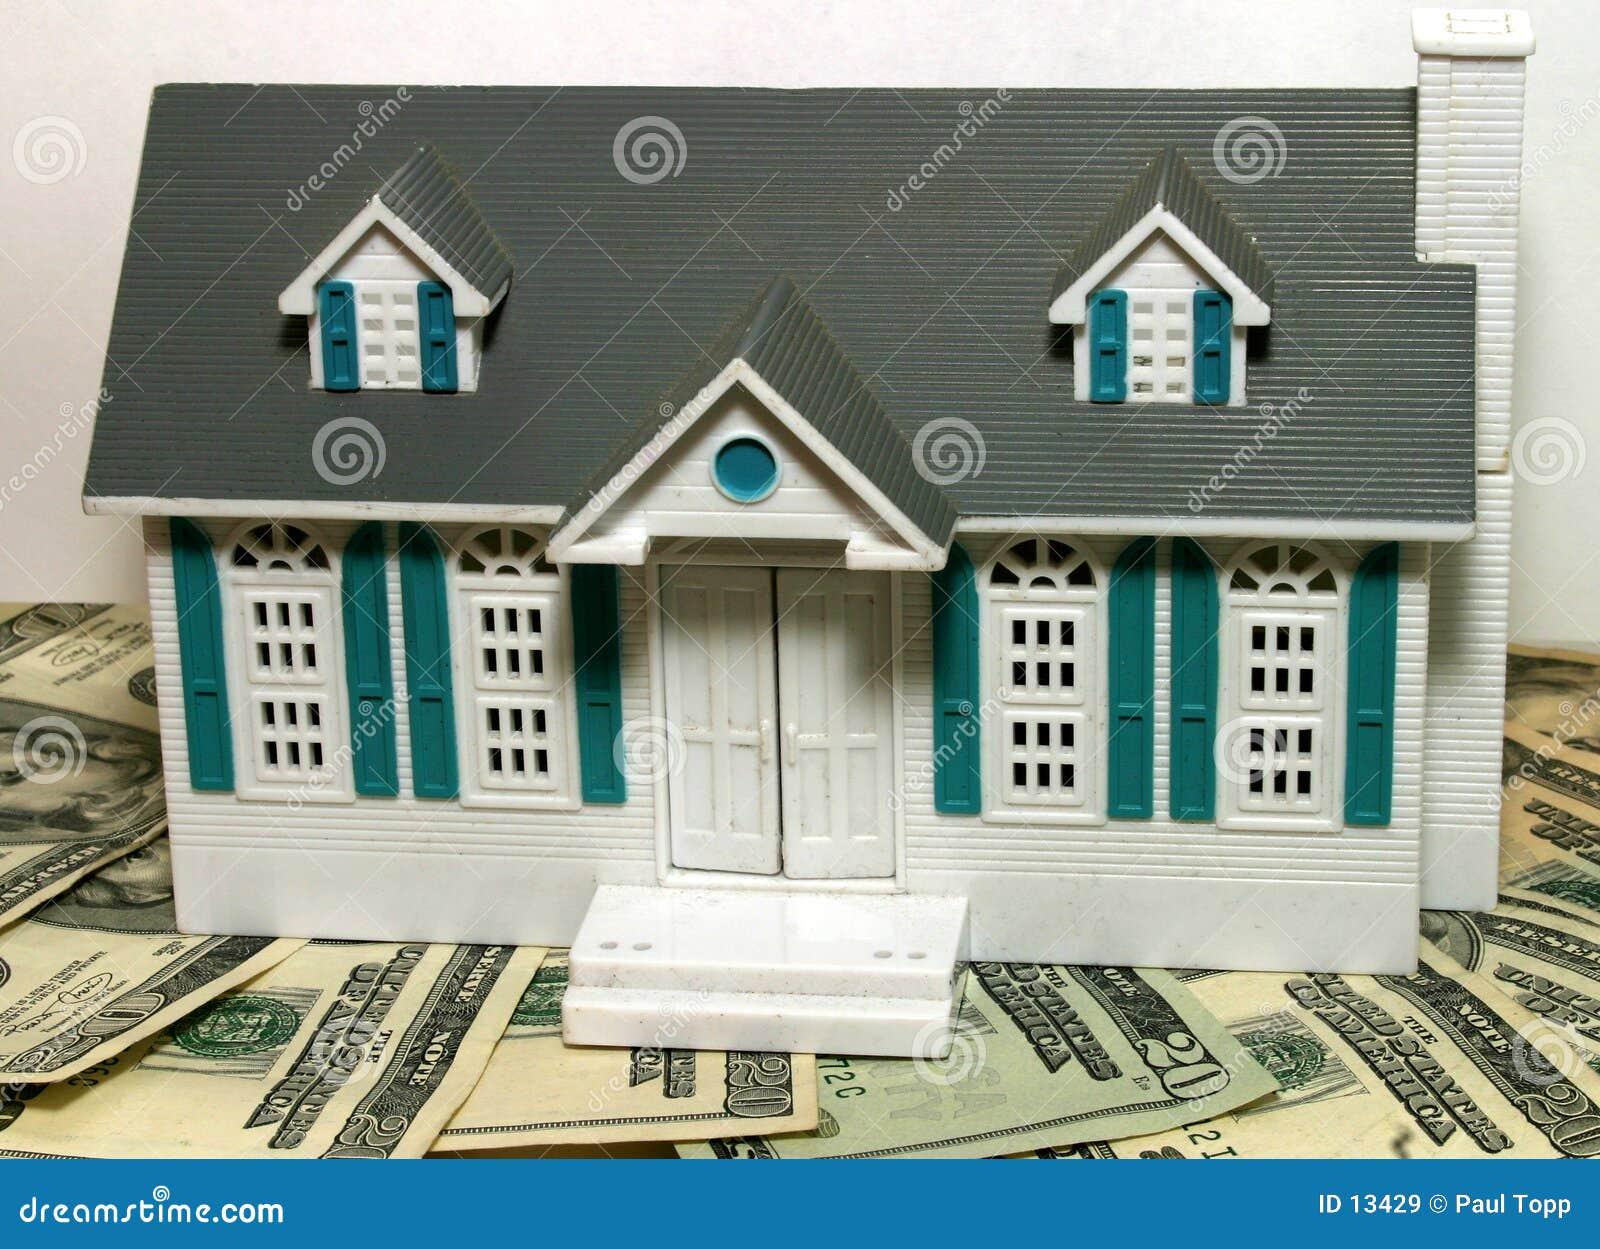 υποθήκη στεγαστικού δανείου